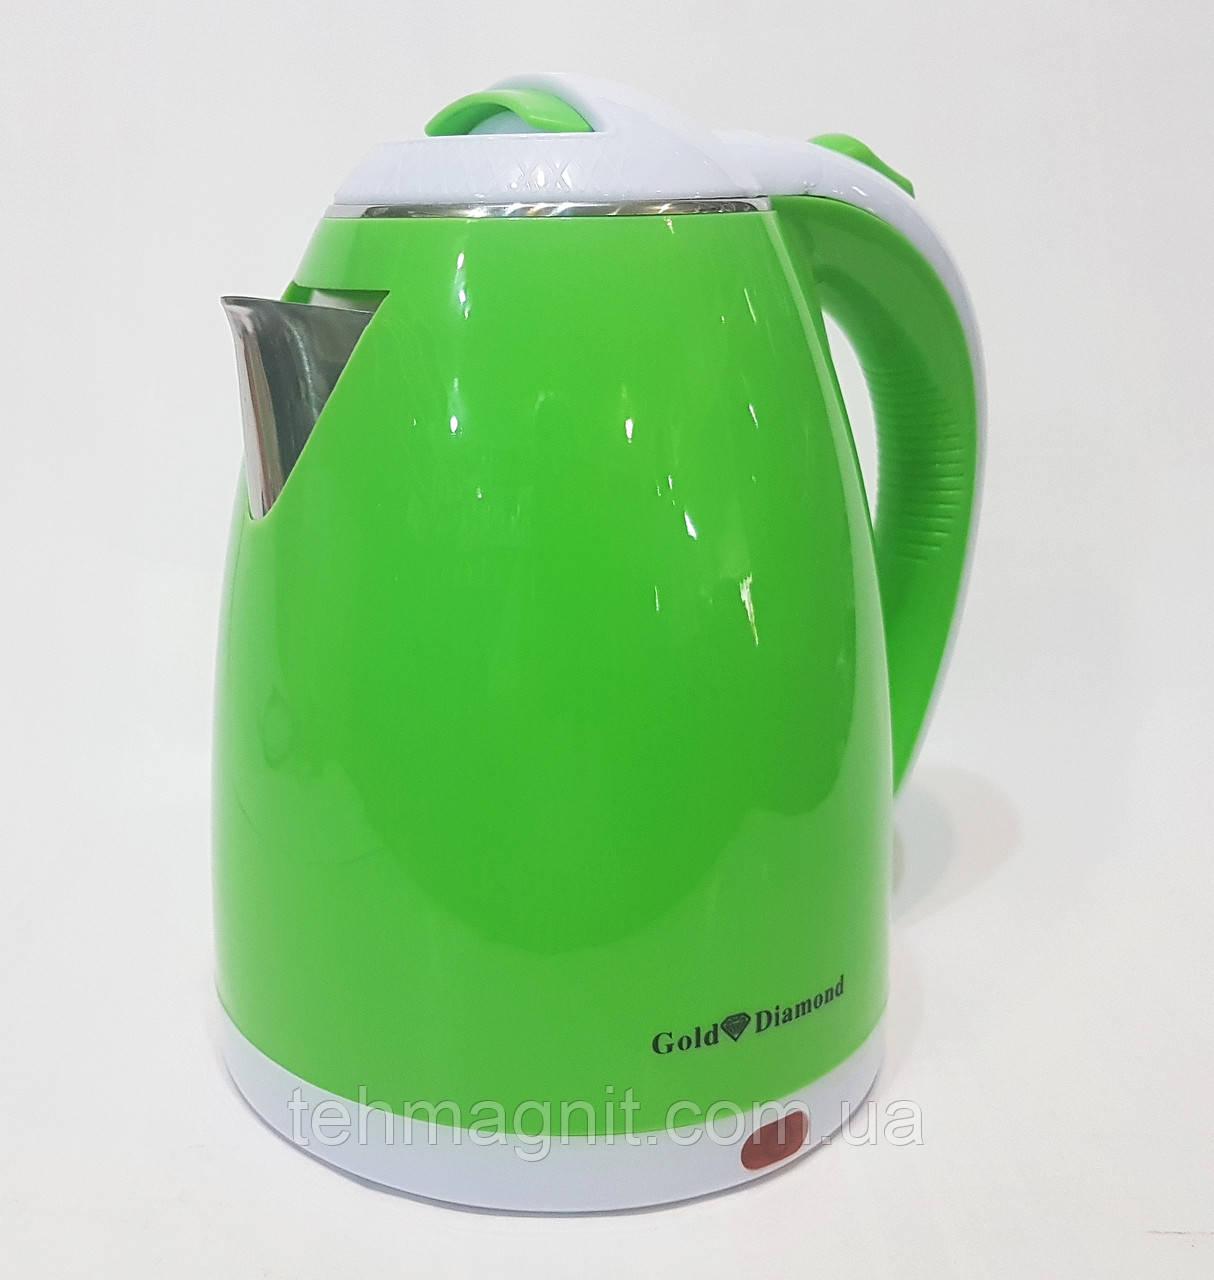 Чайник нержавійка Gold Diamond c пластикової покриття TK-00028G , 2000w, 2 л